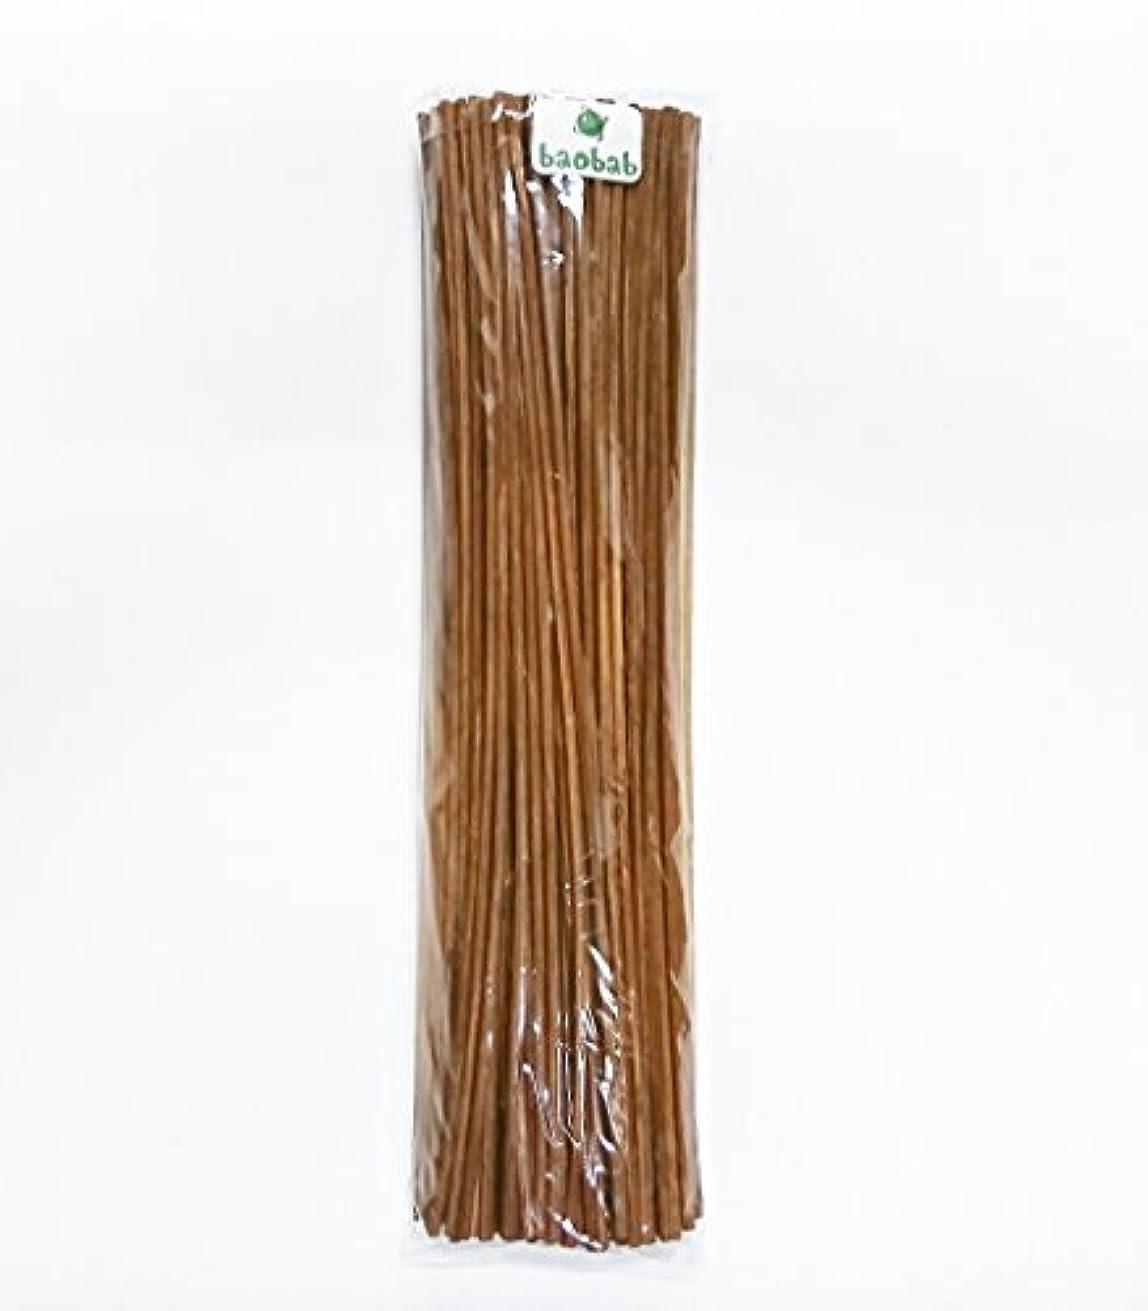 小数焼くクスコbaobab(バオバブ) リードディフューザー用 リードスティック リフィル [ラタン スティック] 30㎝ 100本 (ブラウン)